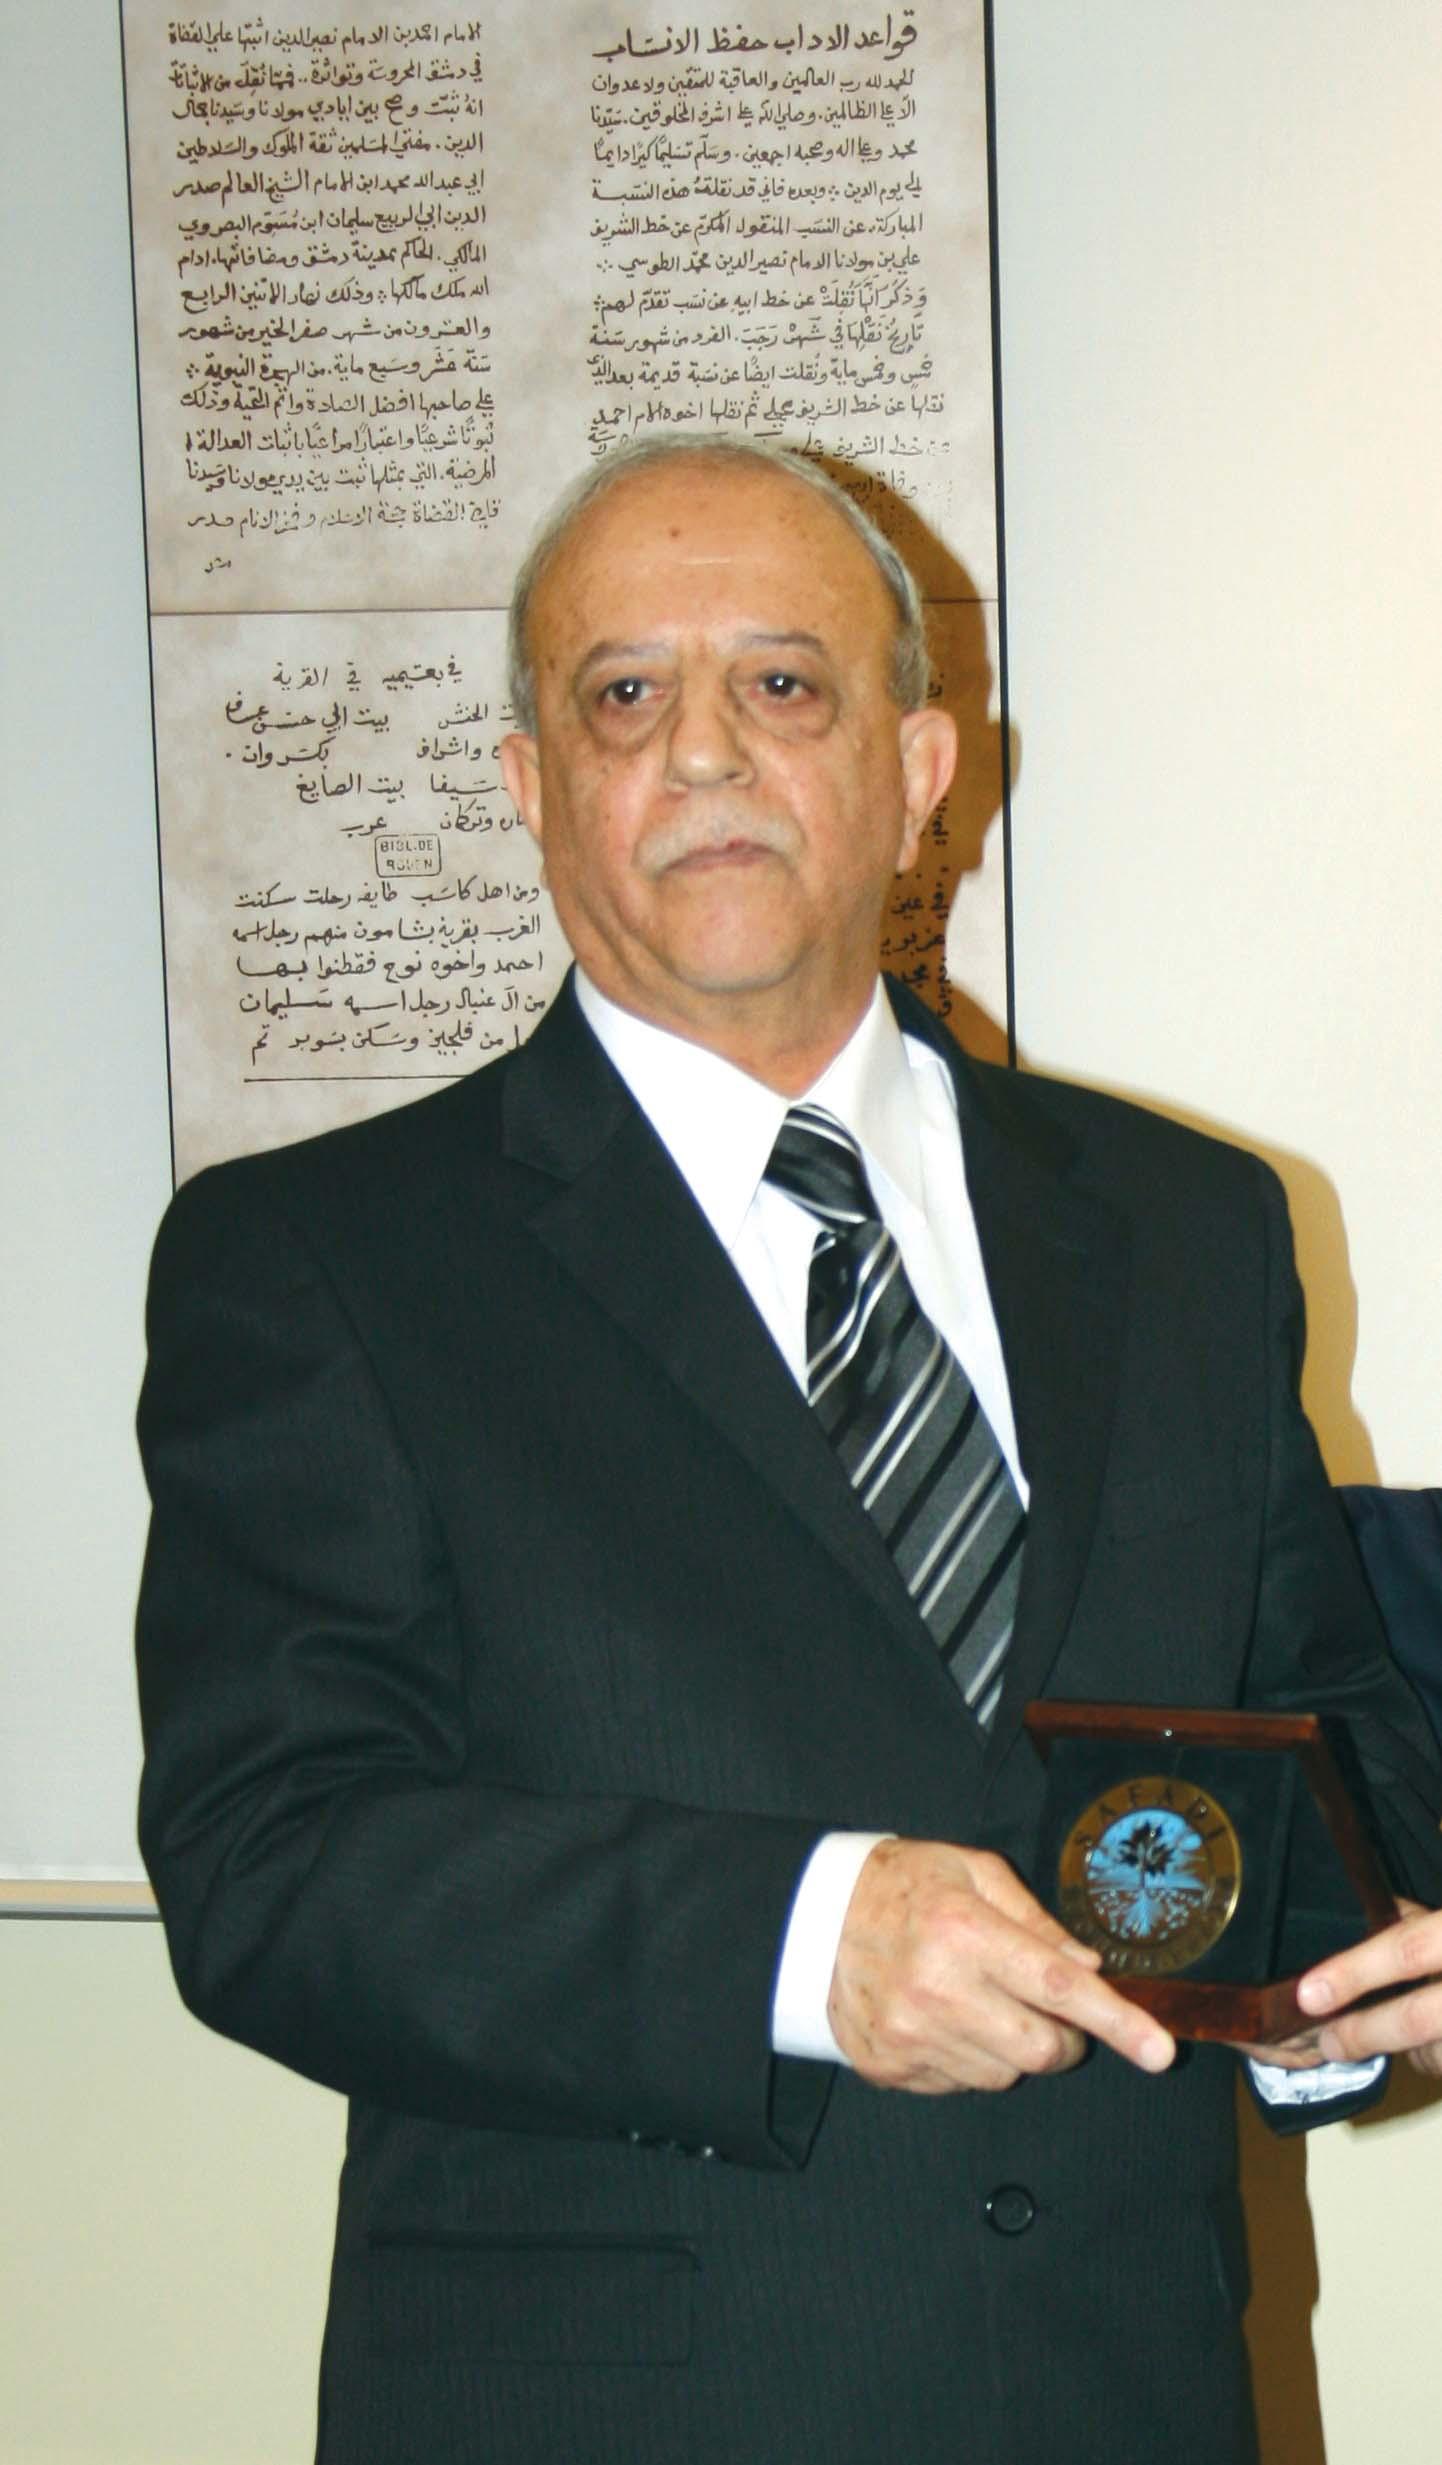 مُؤرّخ طرابلس الوَفيُّ للصحابة د. عمر عبد السلام تَدْمري (الصحابة في لبنان 11 والأخيرة).